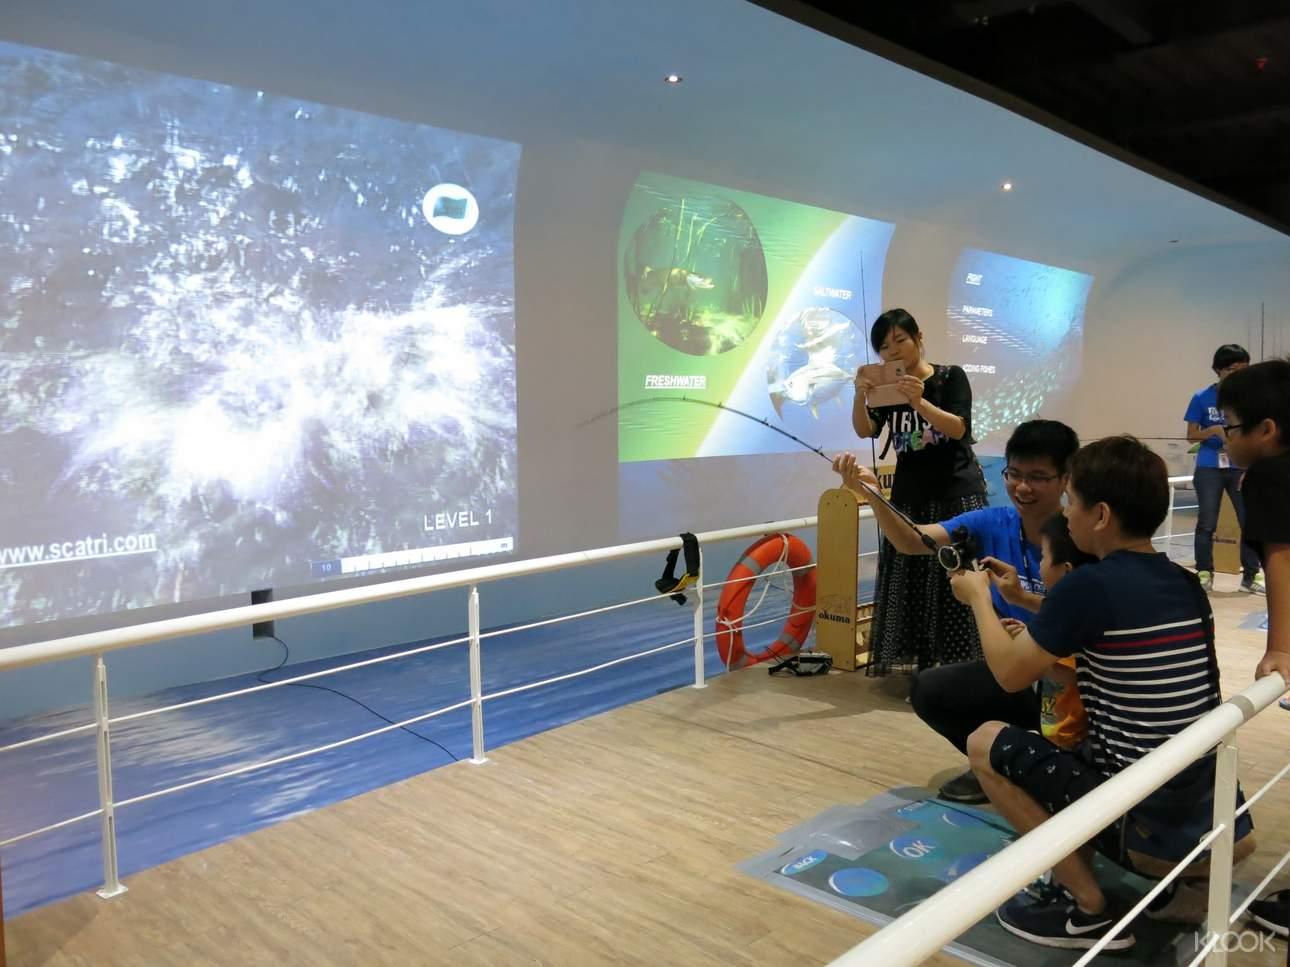 在二樓釣魚故事館的虛擬釣場,不用出海也可以體驗釣魚樂趣!